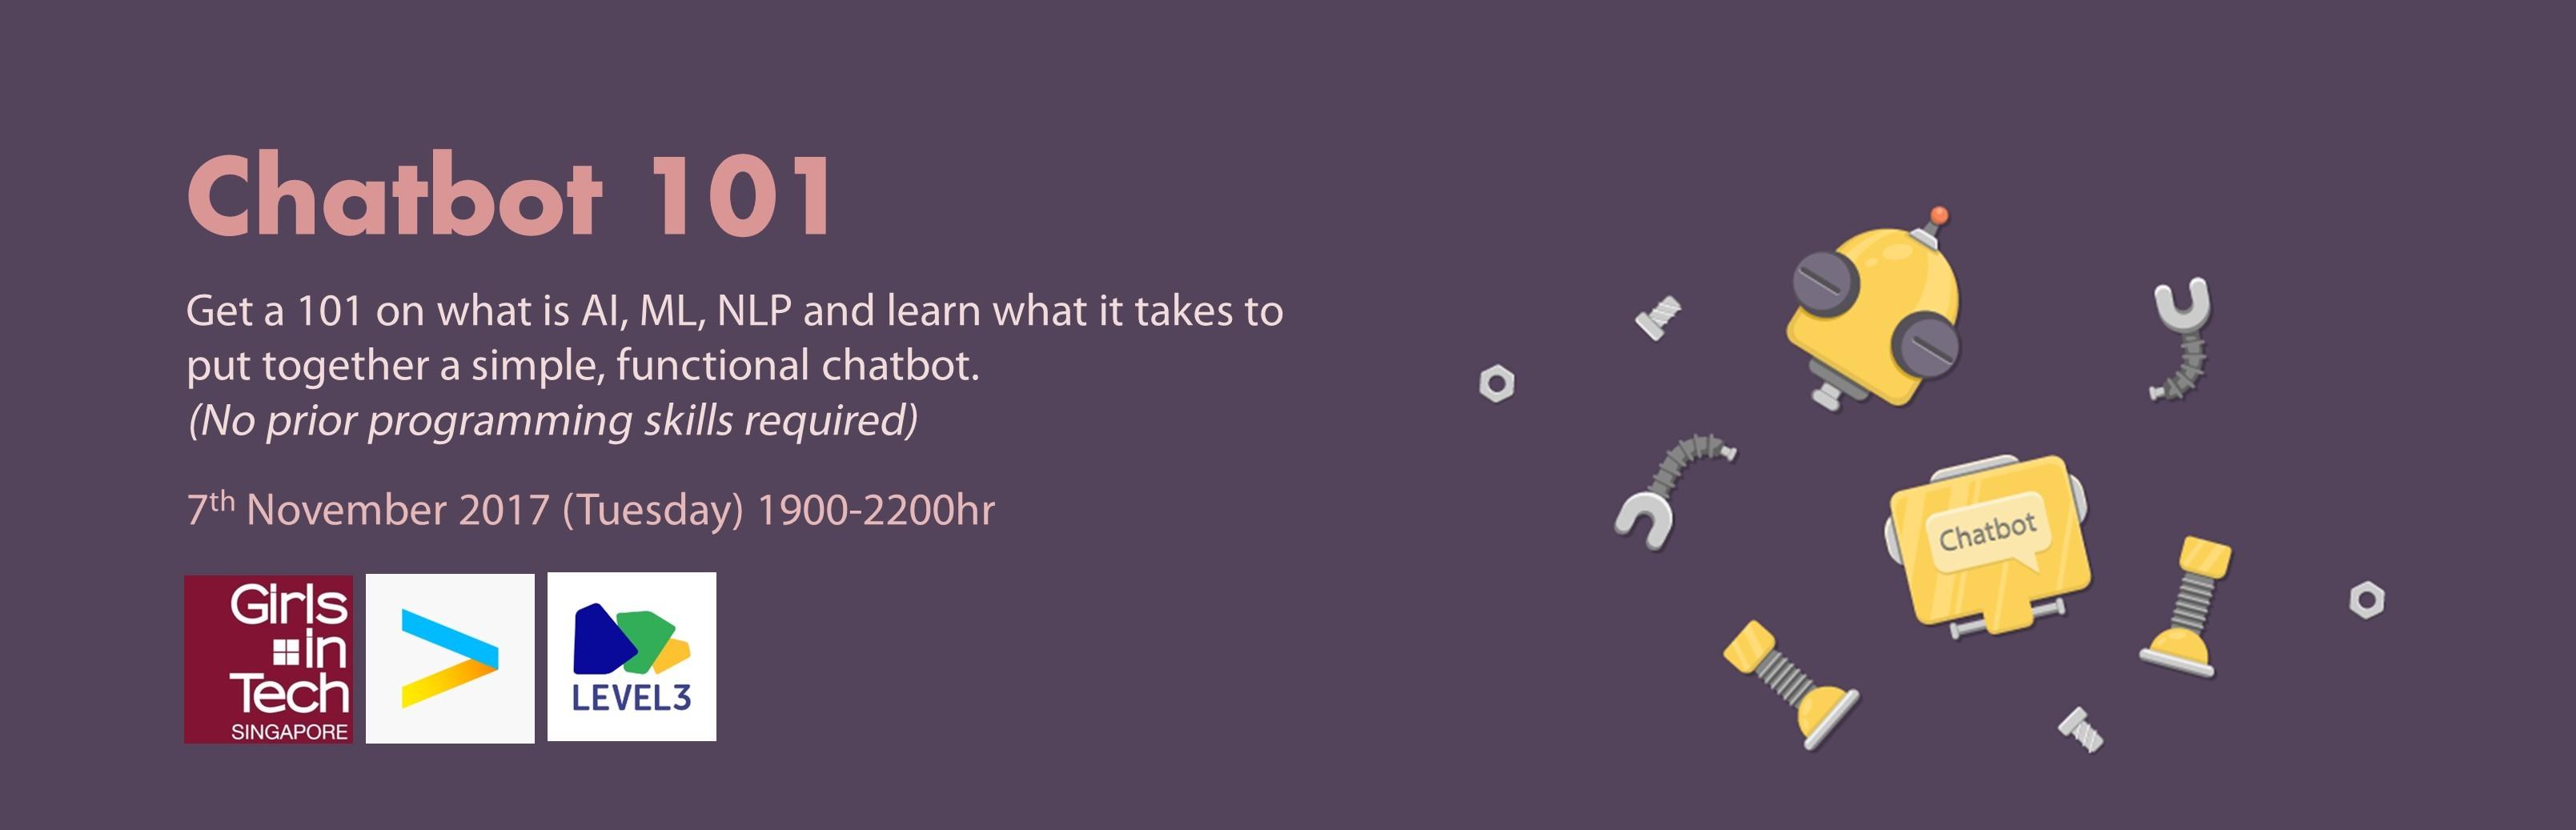 GITSG Chatbot 101 Banner Image